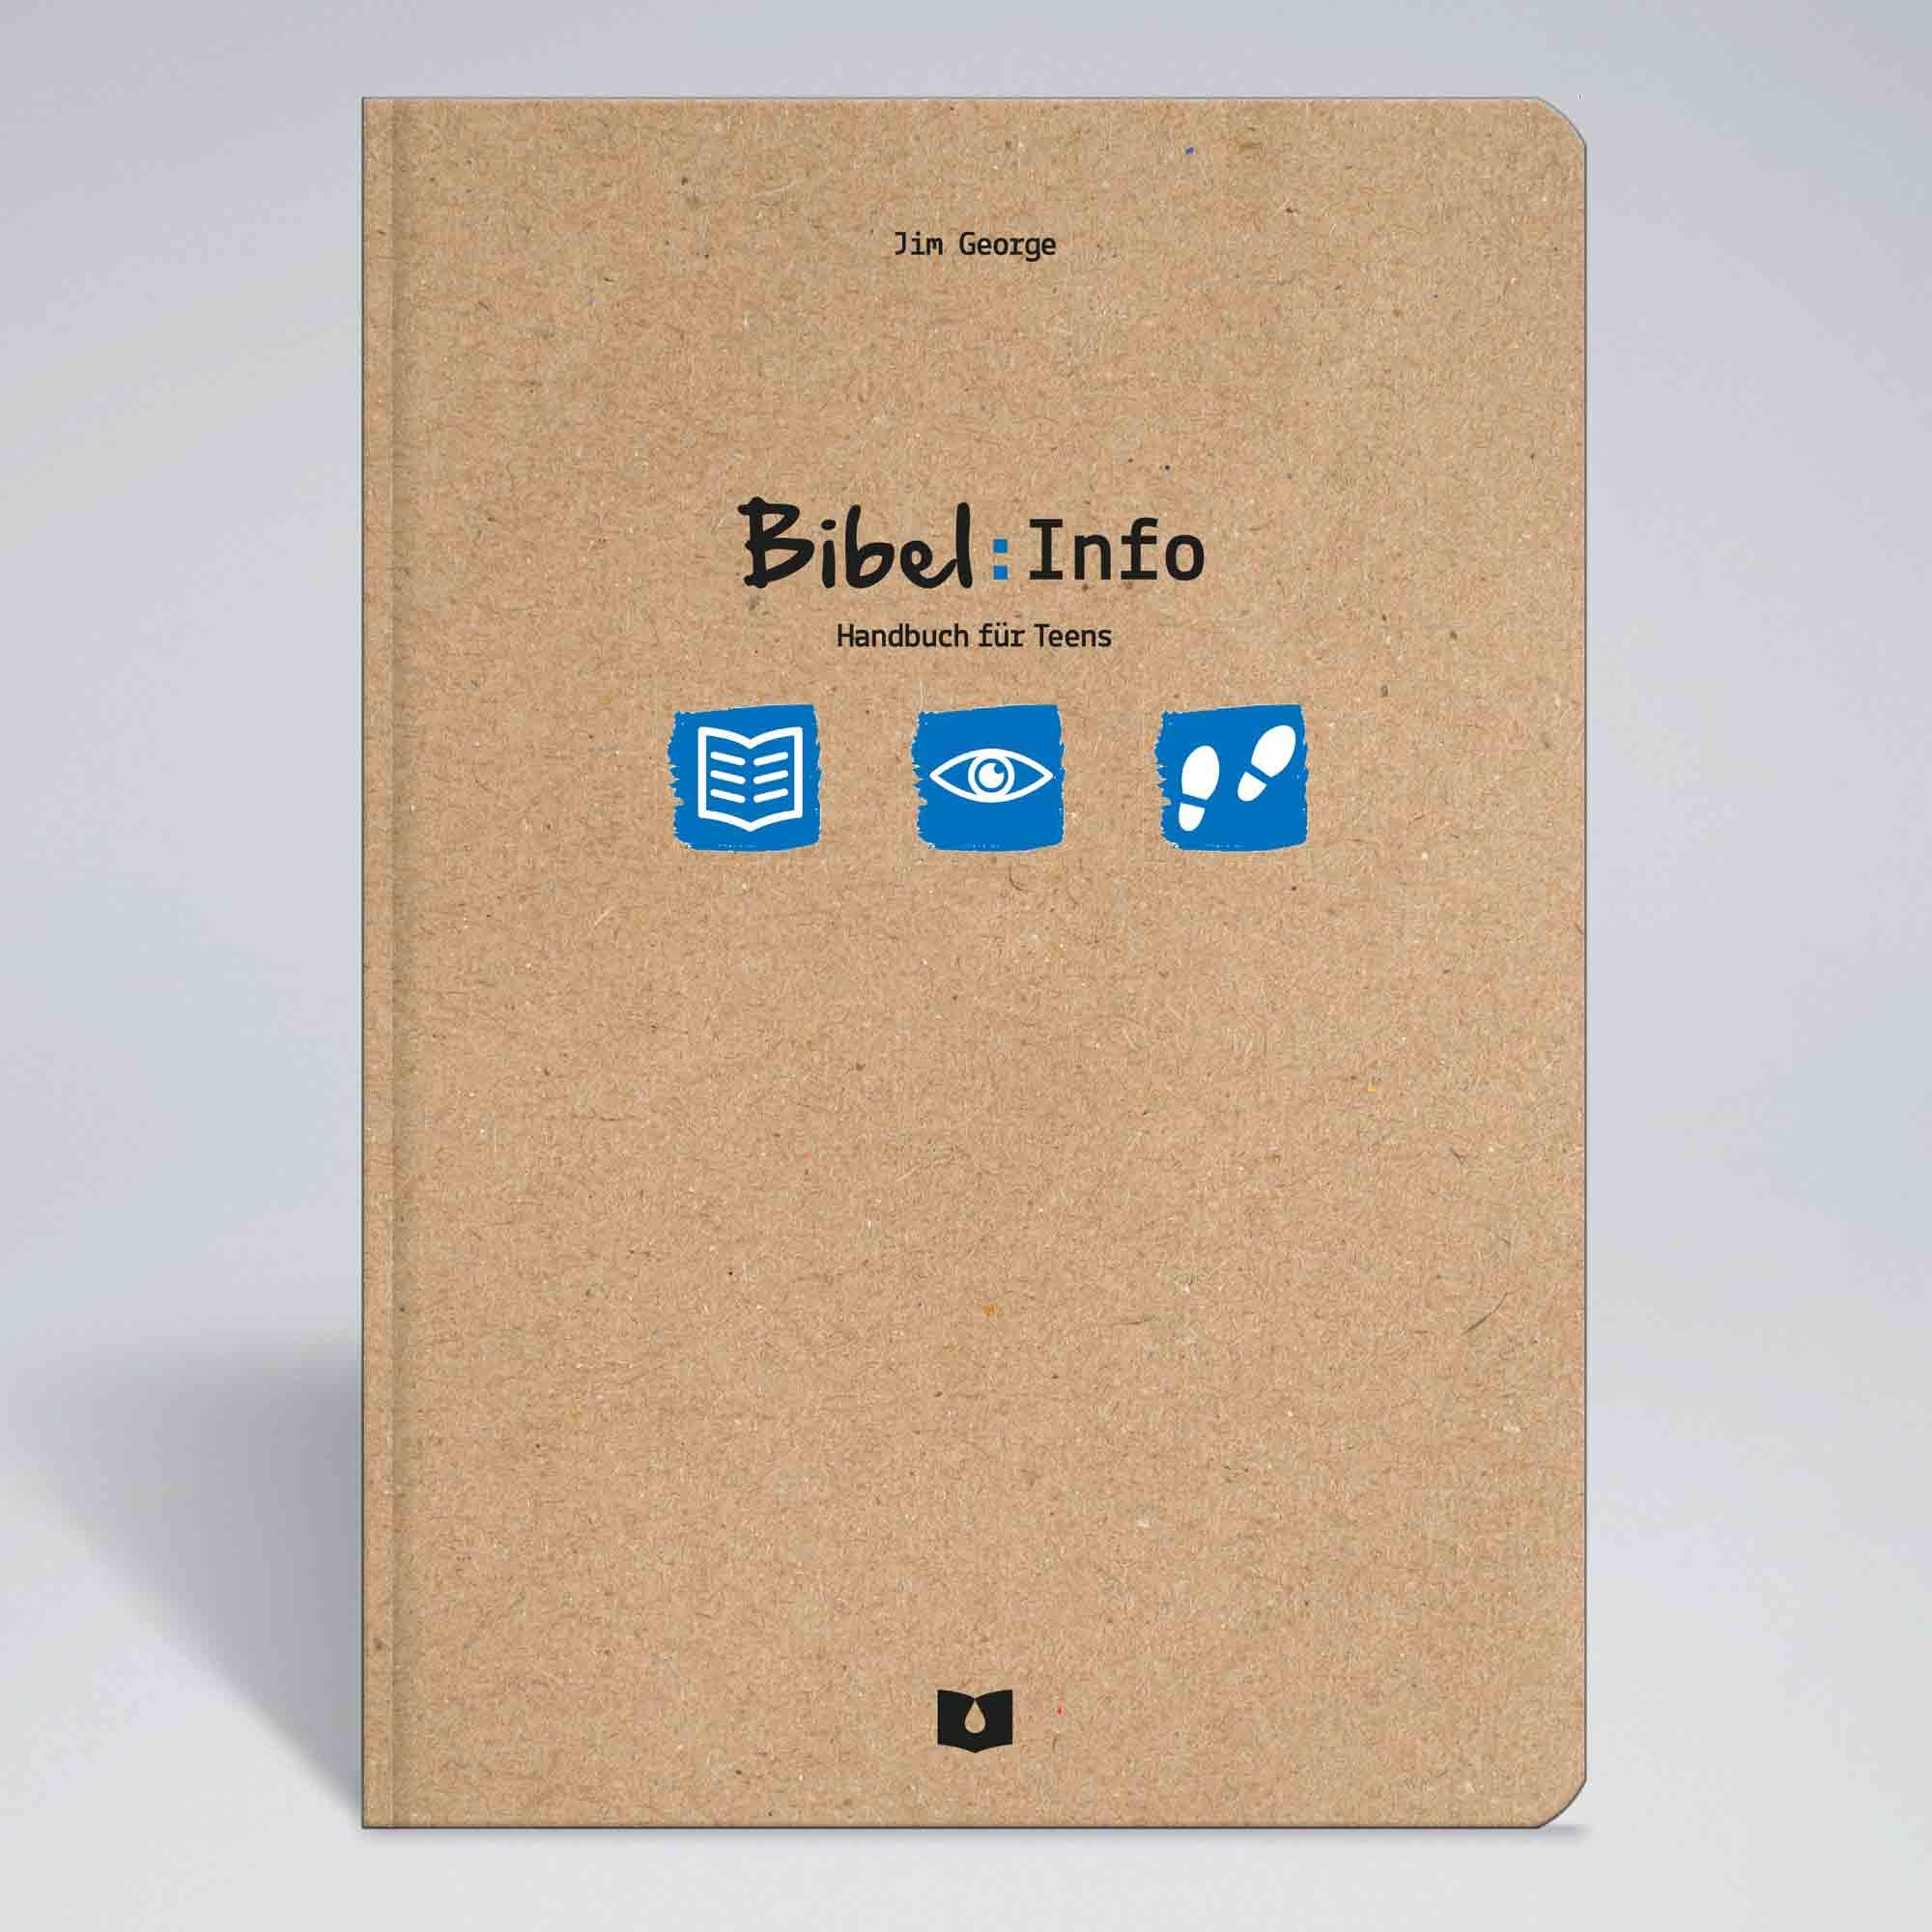 Bibel:Info